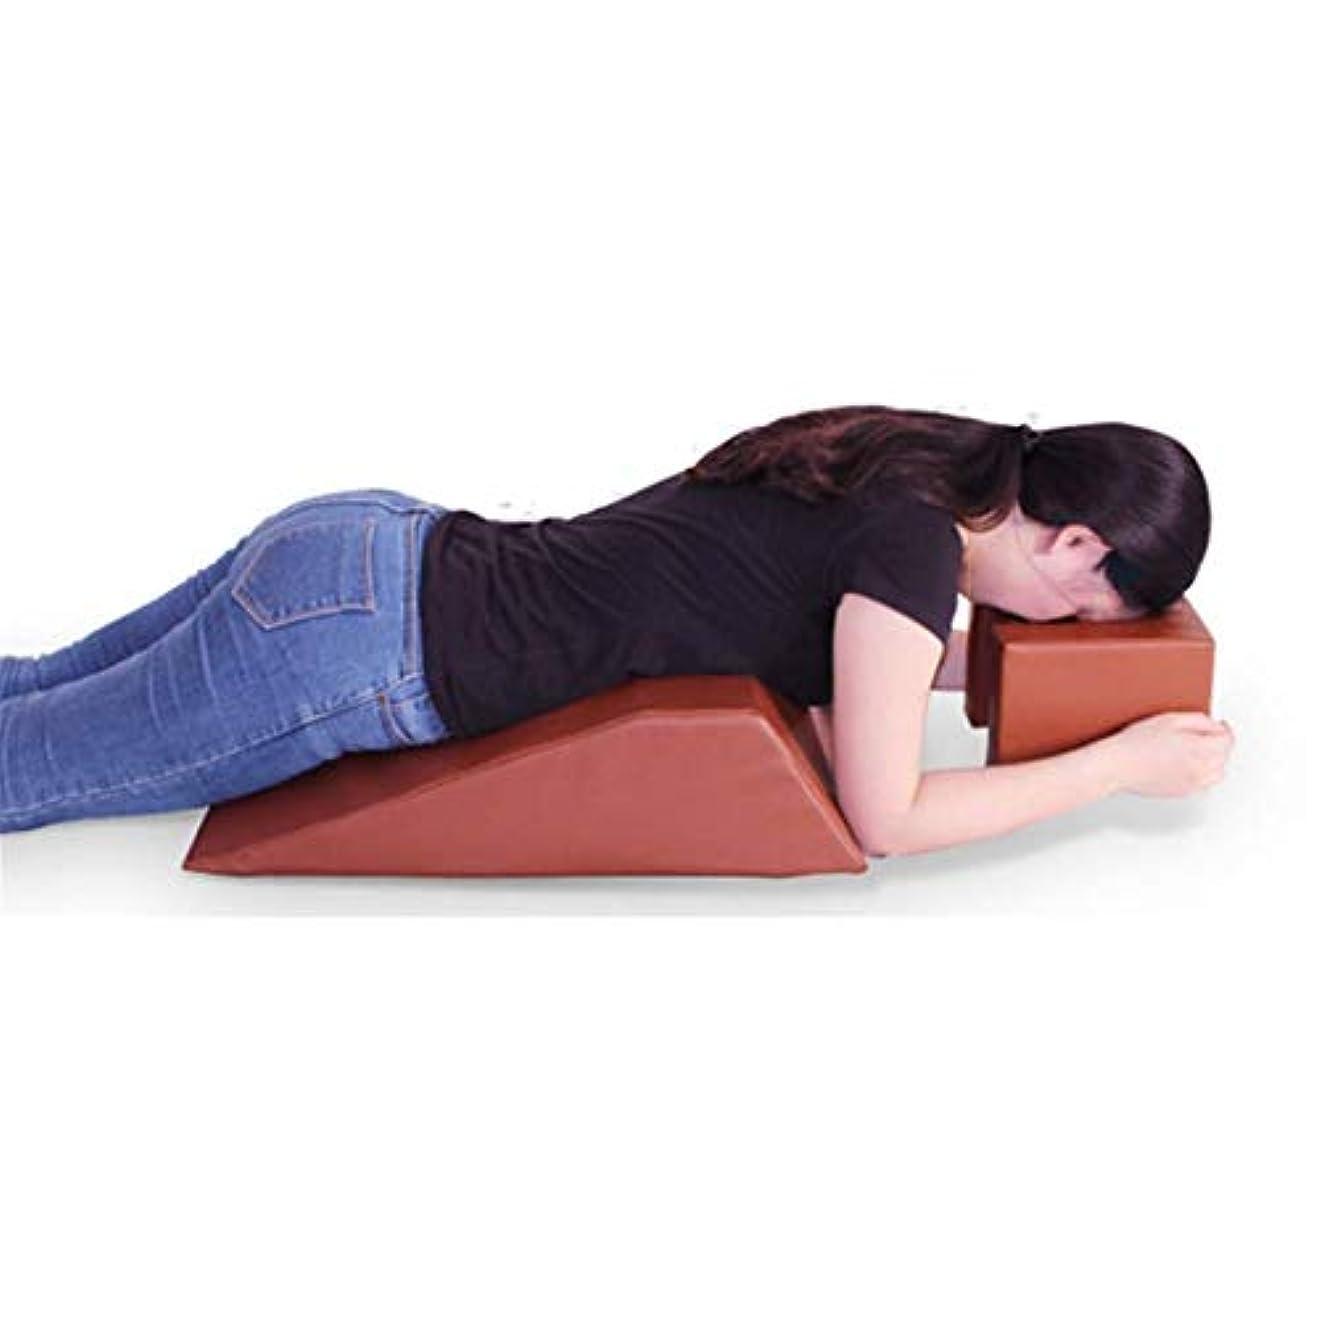 ヒント神社クルー腹臥位クッション、眠りやすい腹臥位、腰痛軽減、バックセラピー